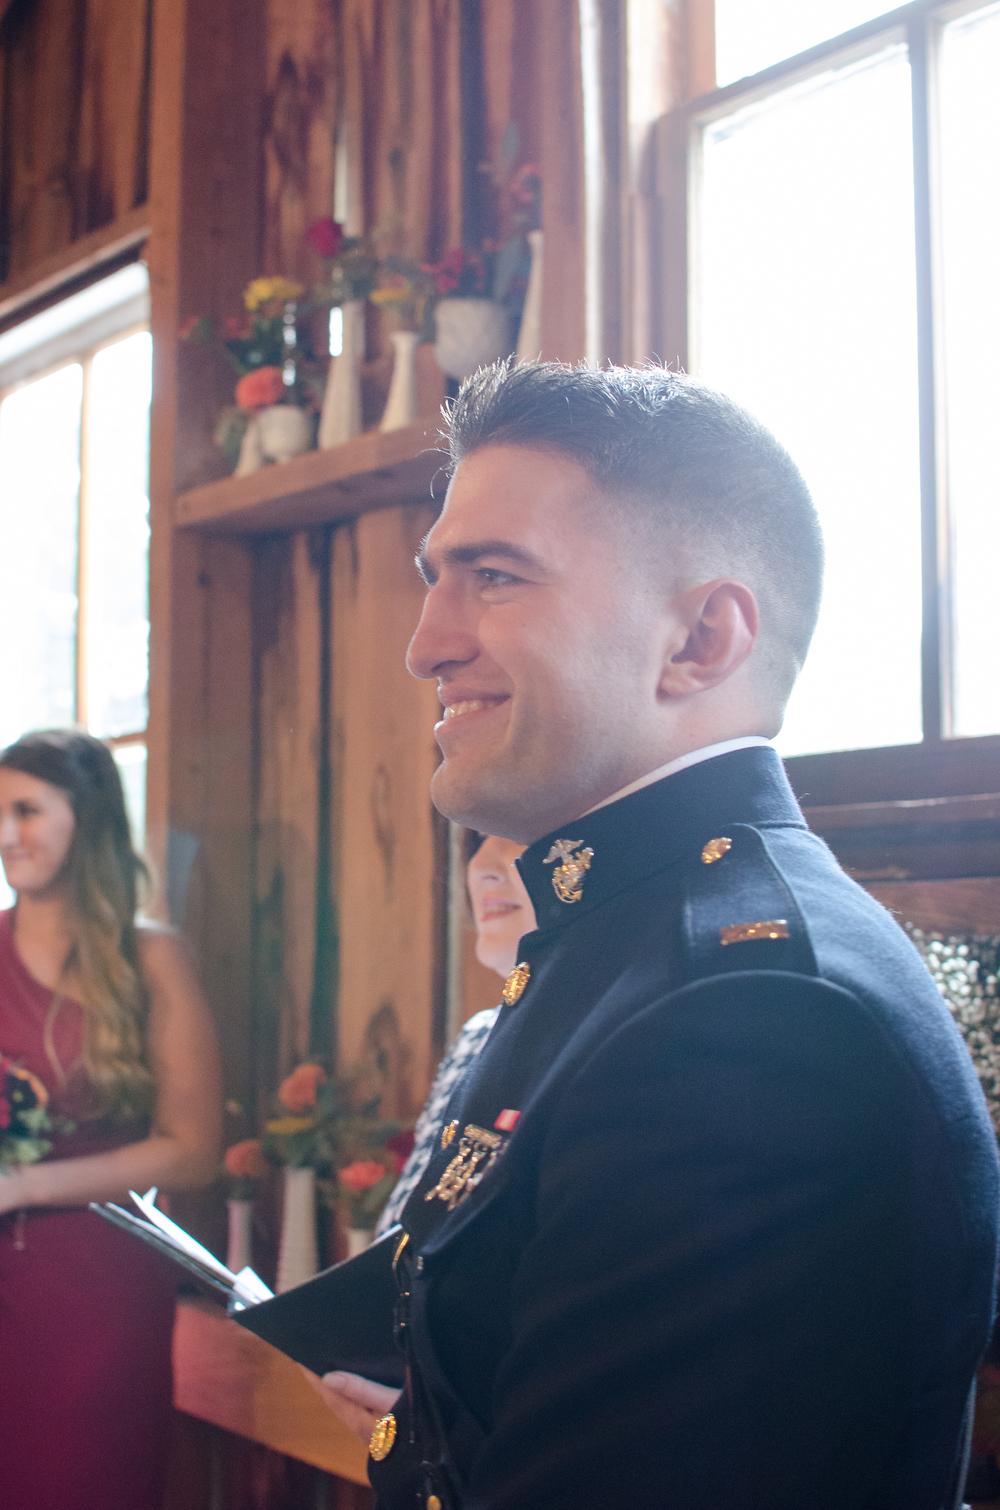 The Glasgow Farm Wedding groom ceremony Photo